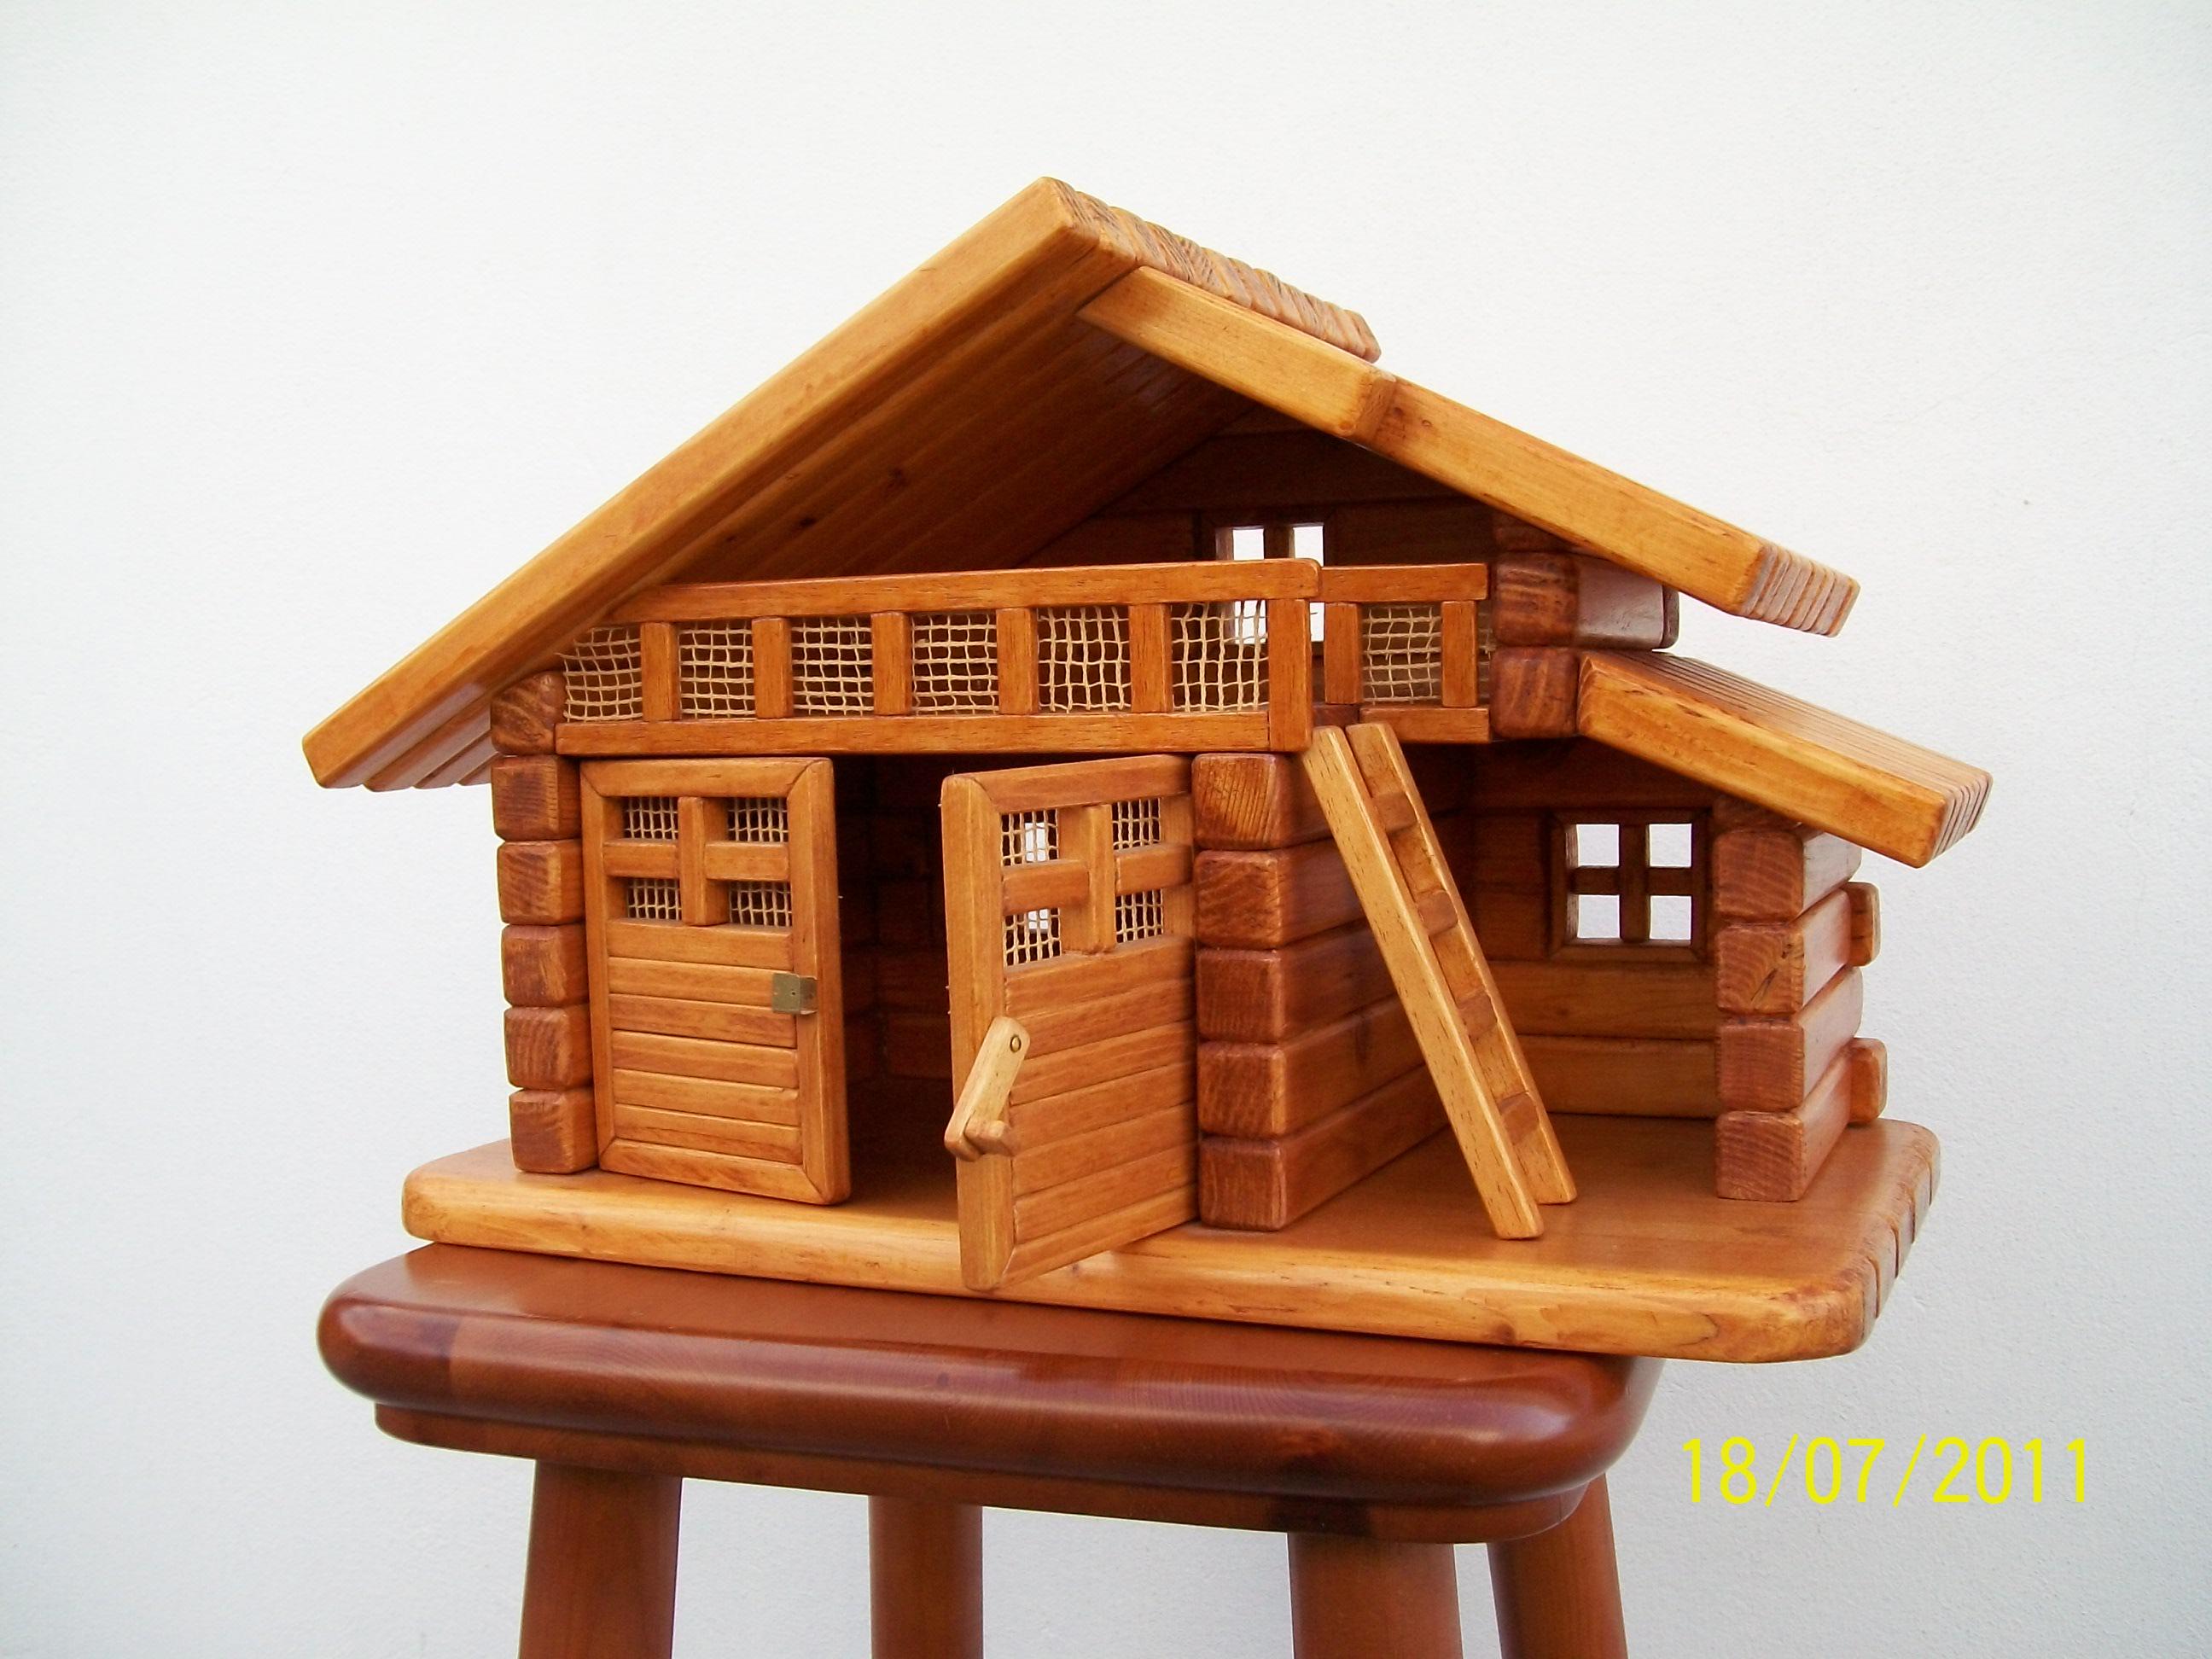 Oggetti in legno fai da te by silvano capanna con - Oggetti di design in legno ...